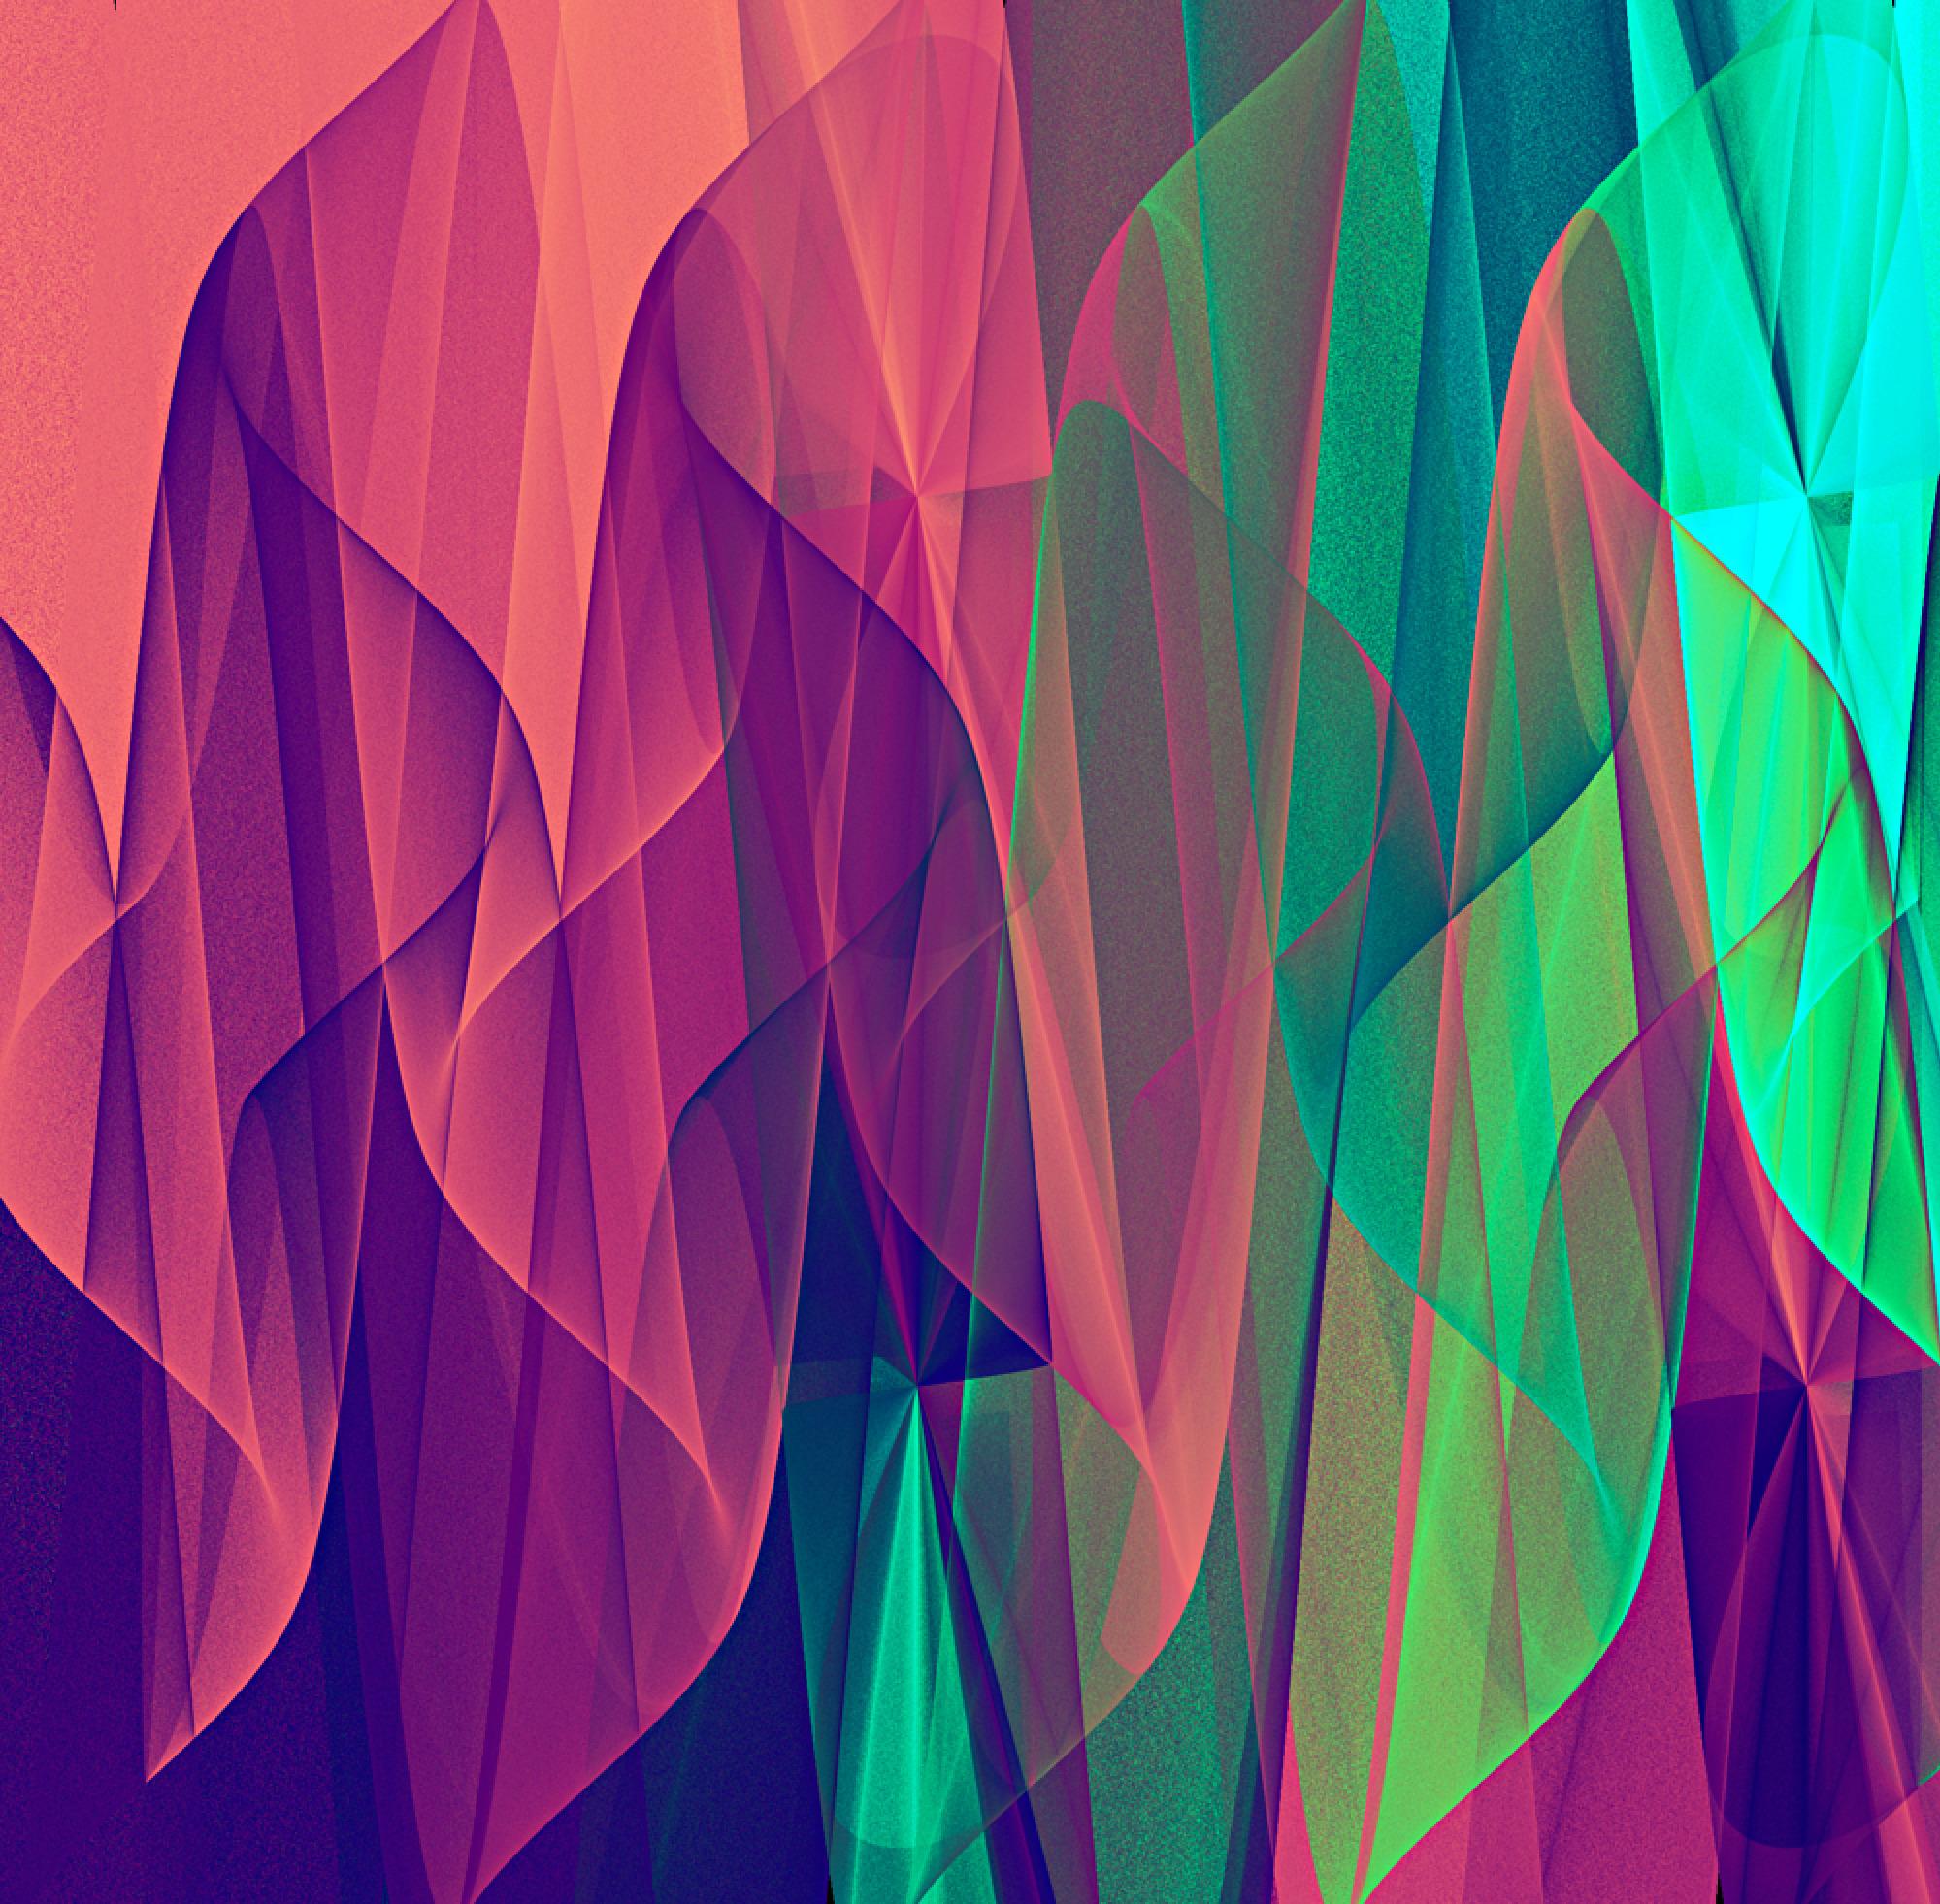 swish - 170622 - fractal, digital - alexmclaren | ello